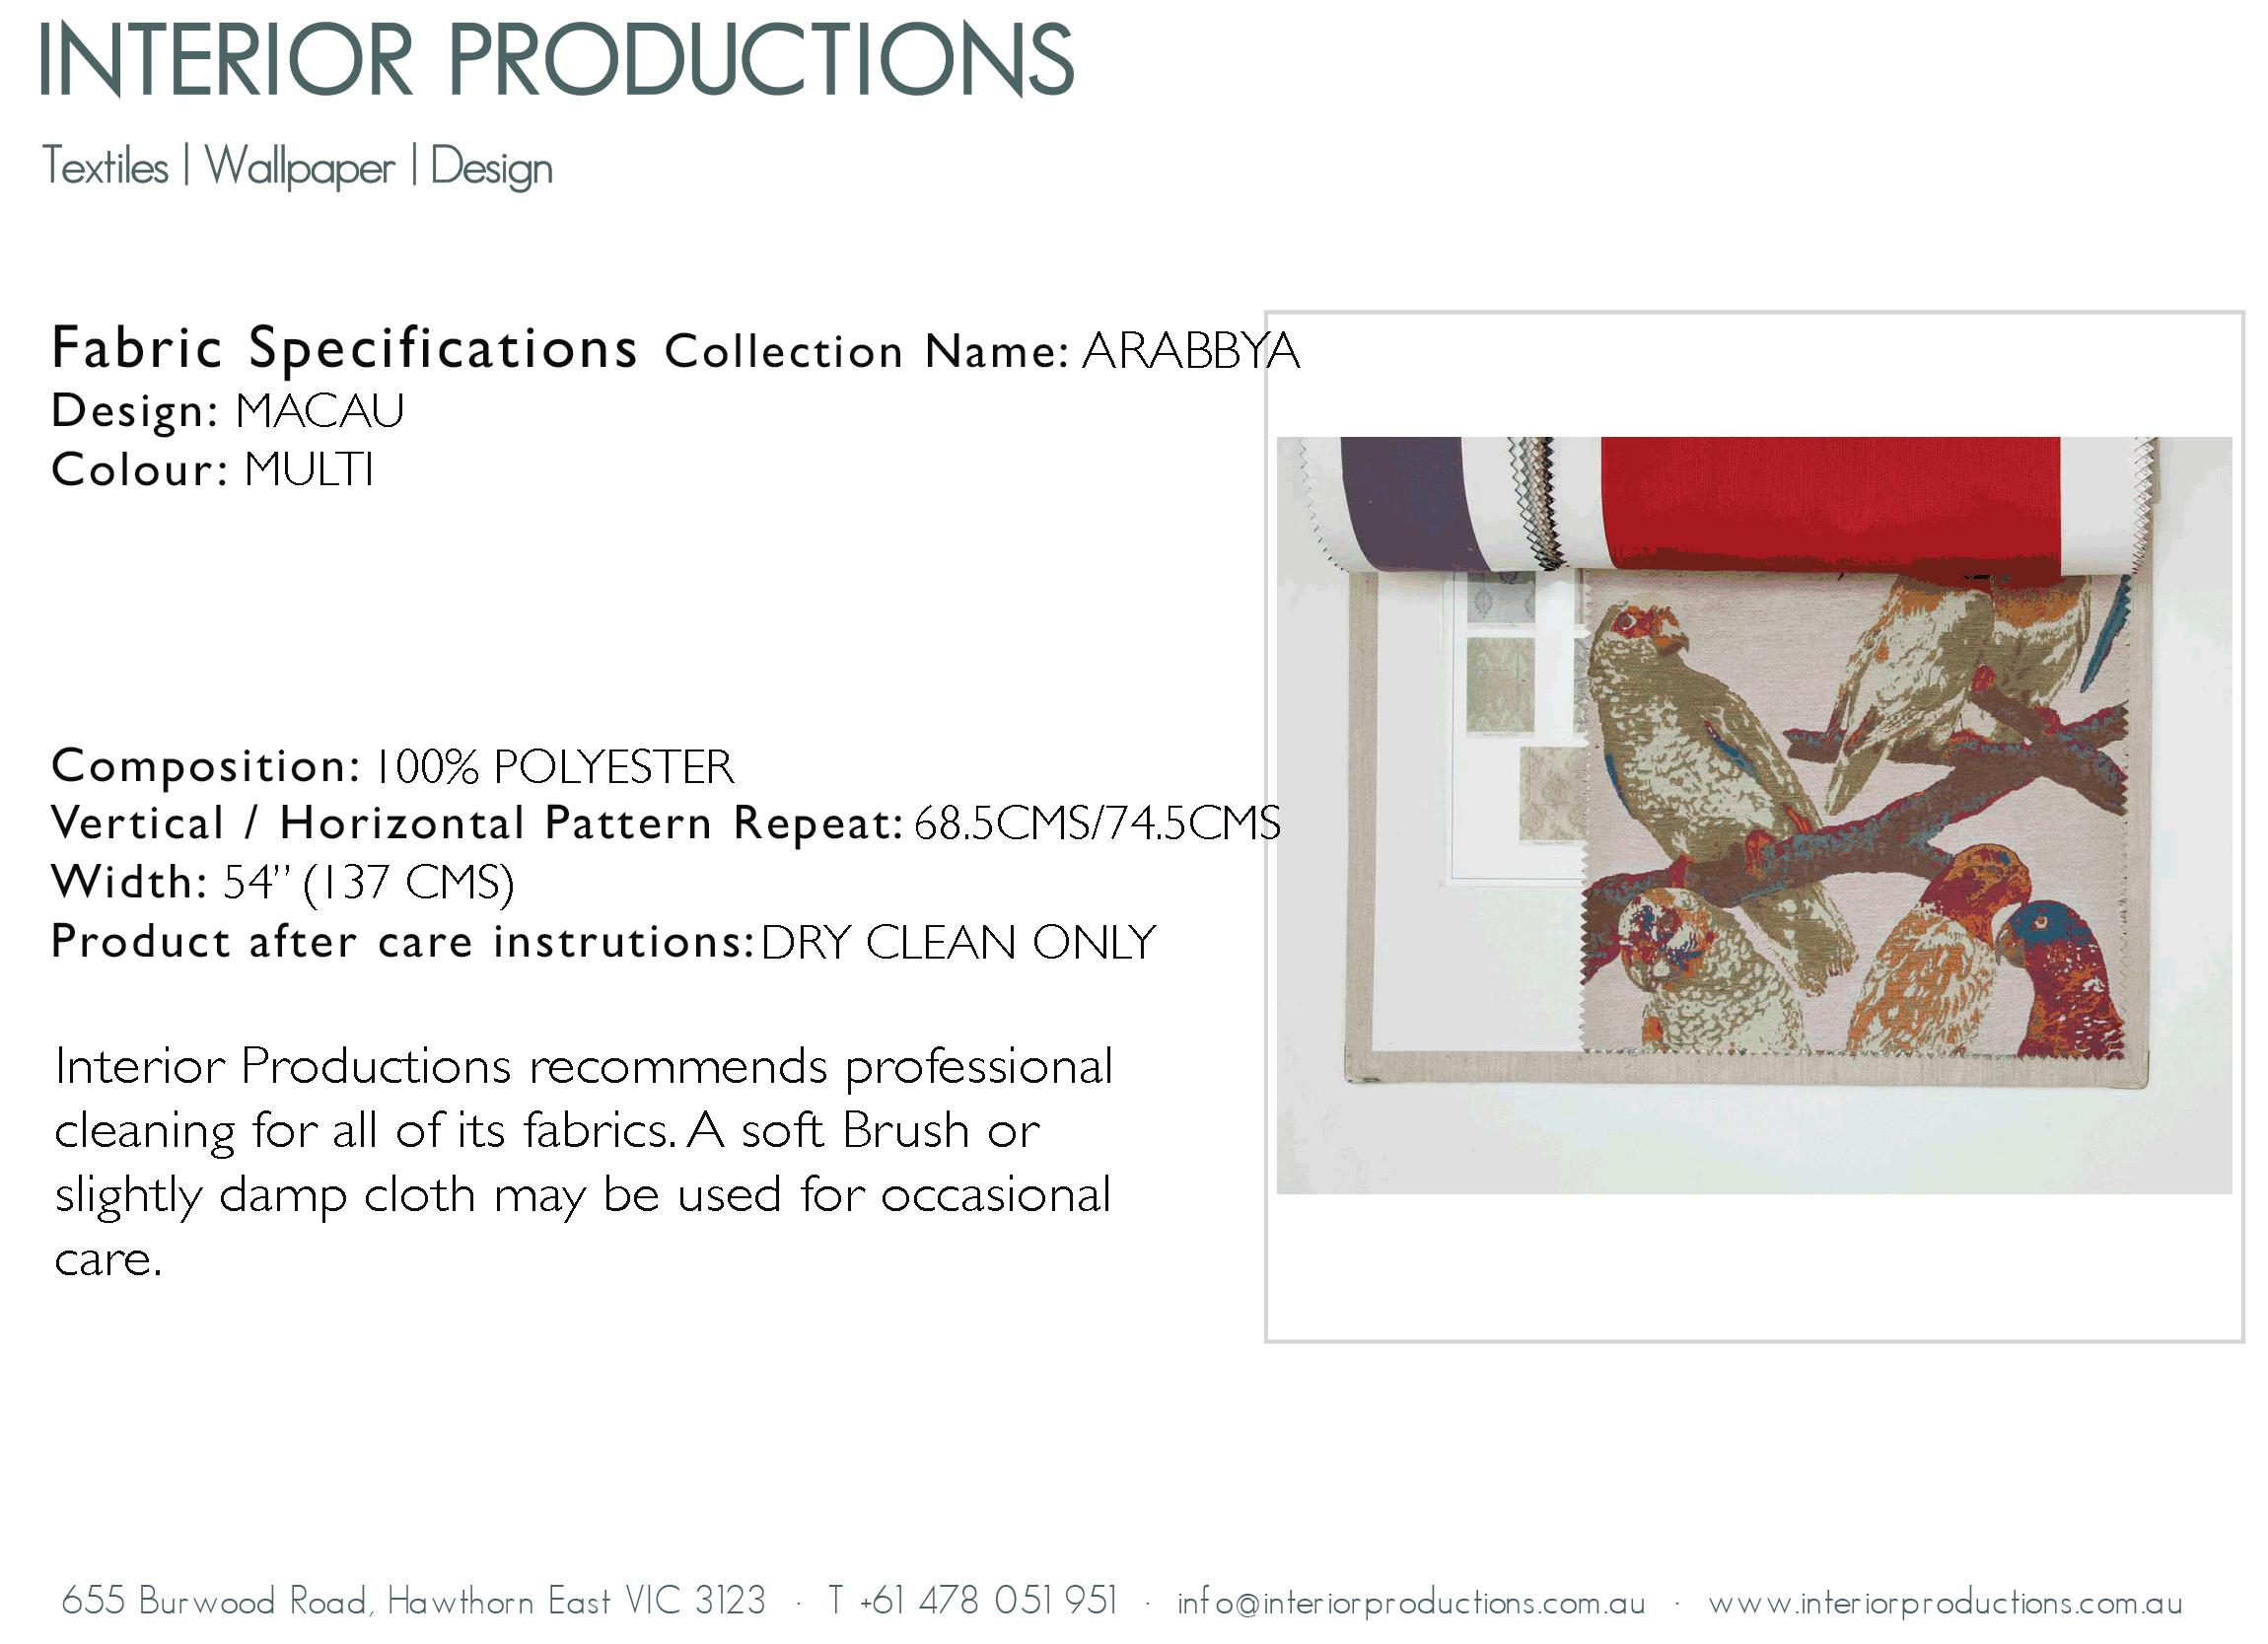 interior_productions_MACAU---MULTI